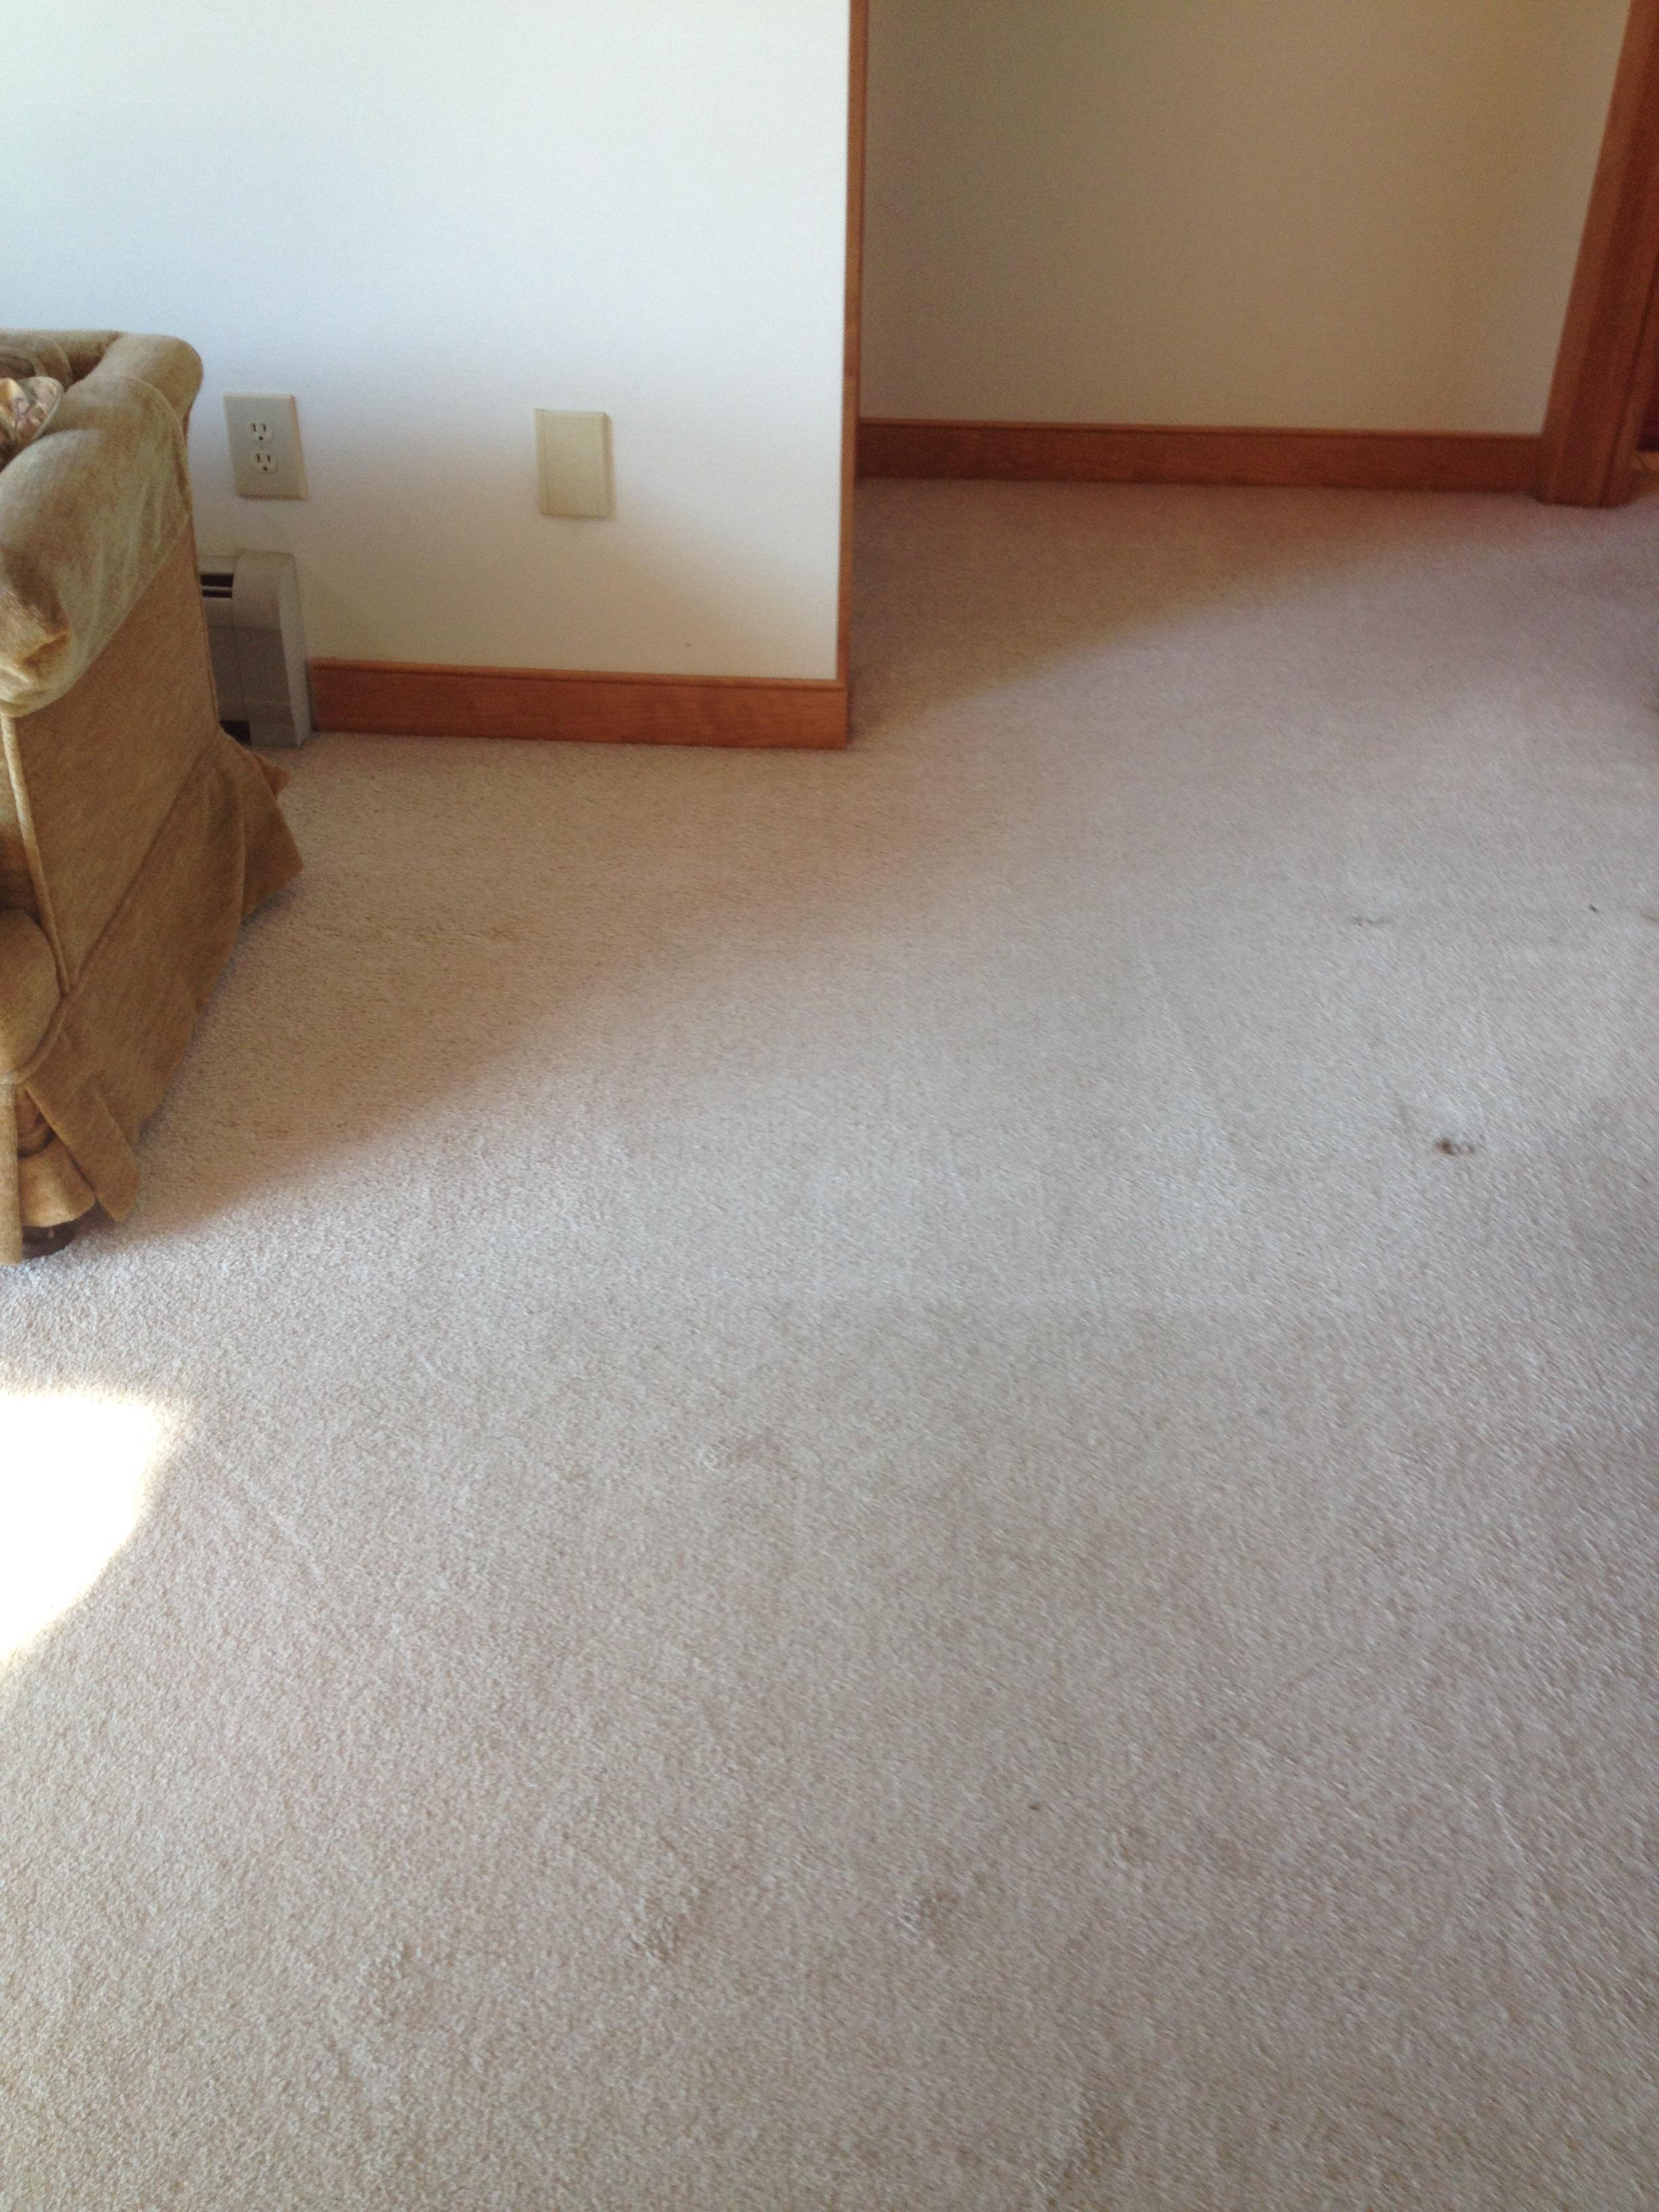 D&D Carpet Cleaning image 10